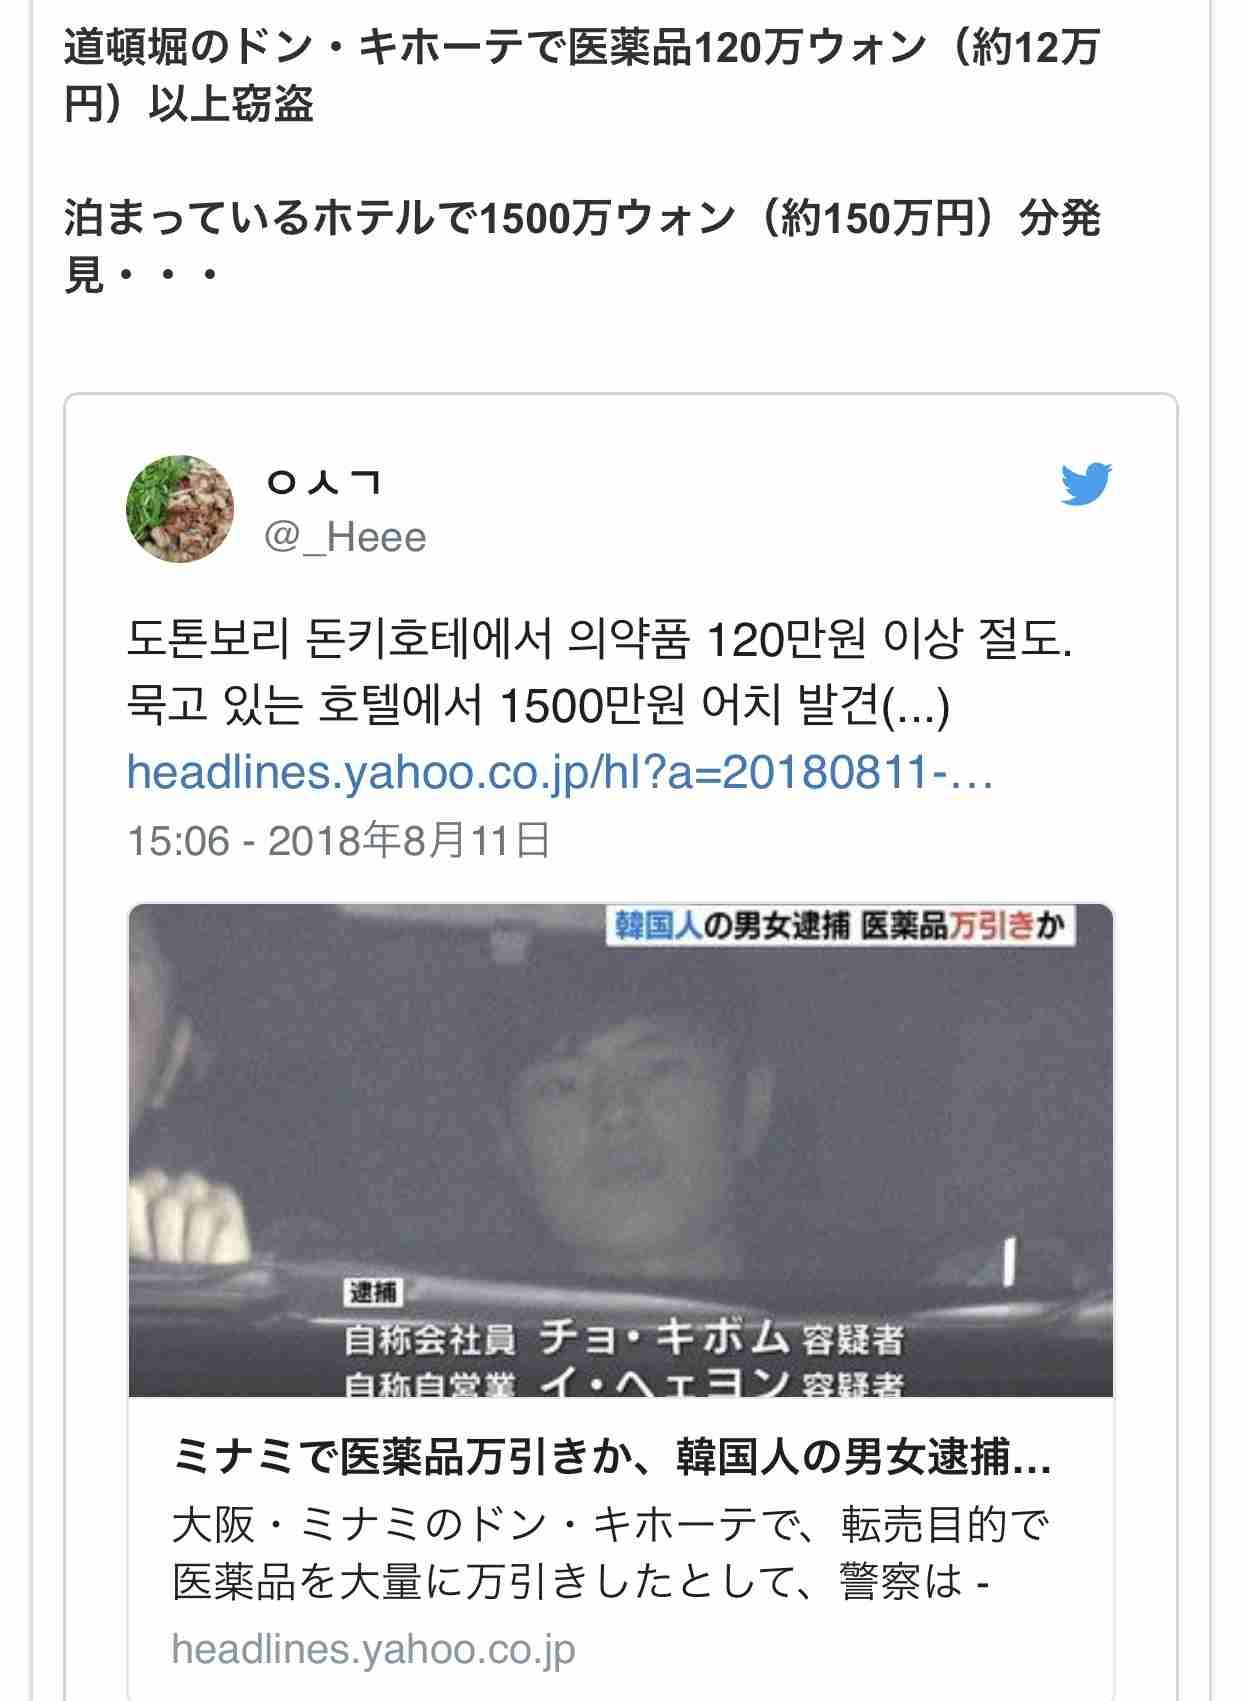 北朝鮮の日本人男性拘束問題 滋賀県出身の映像クリエーターか